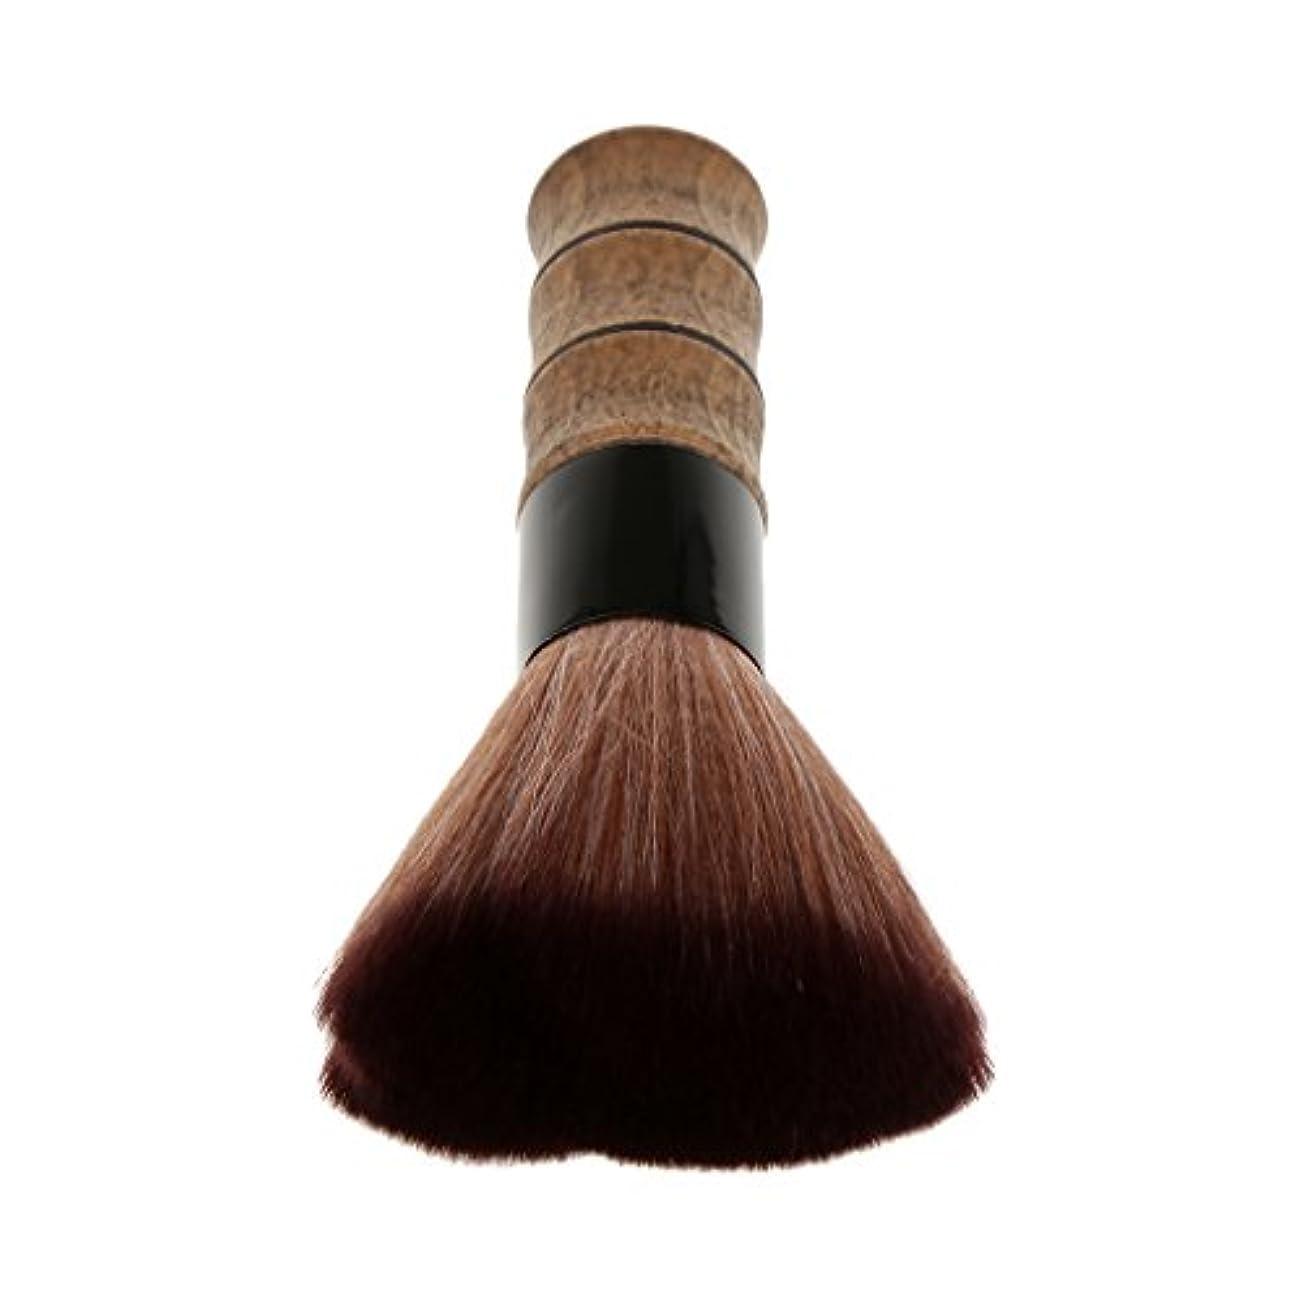 ルーフ優雅ドアFenteer シェービングブラシ ソフトファイバー 脱毛 シェービング ブラシ ブラッシュ ルーズパウダー メイクブラシ 繊維+竹ハンドル 2色選べる - 褐色